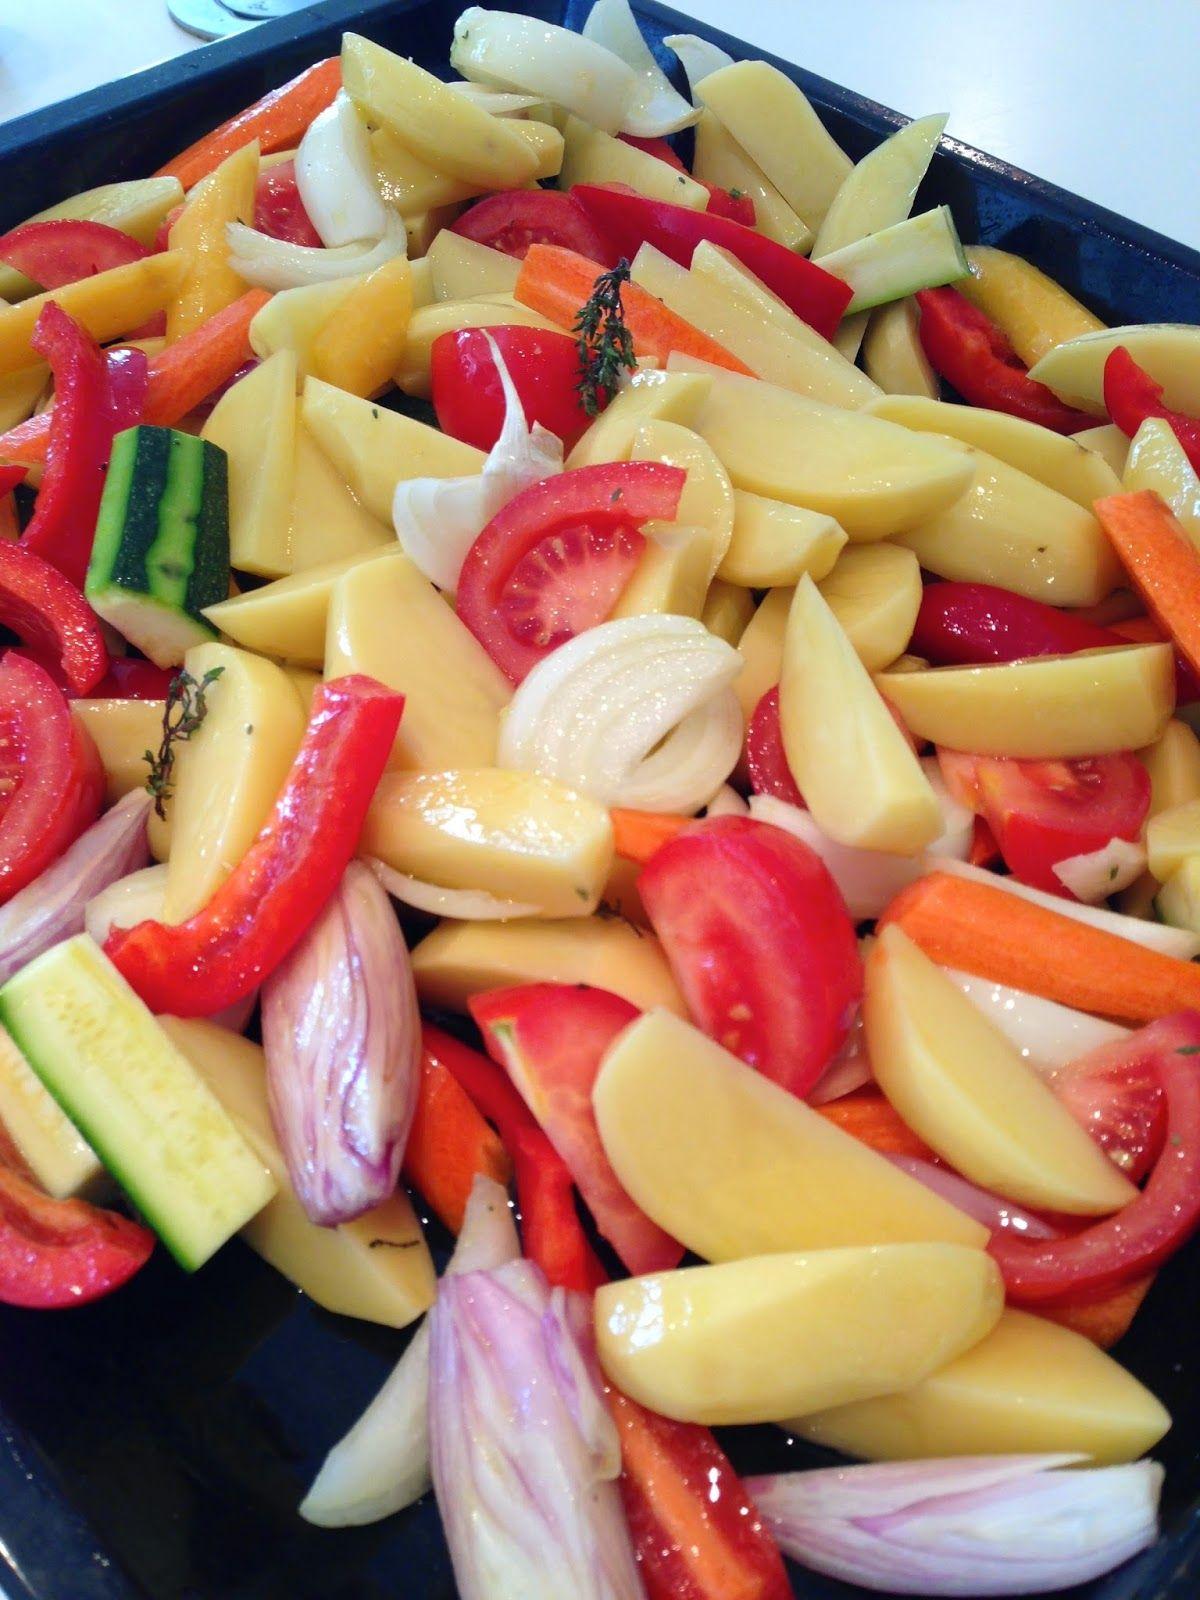 Les secrets de la recette l gumes r tis au four cuisine l gumes r tis au four l gumes - Recette legumes grilles au four ...